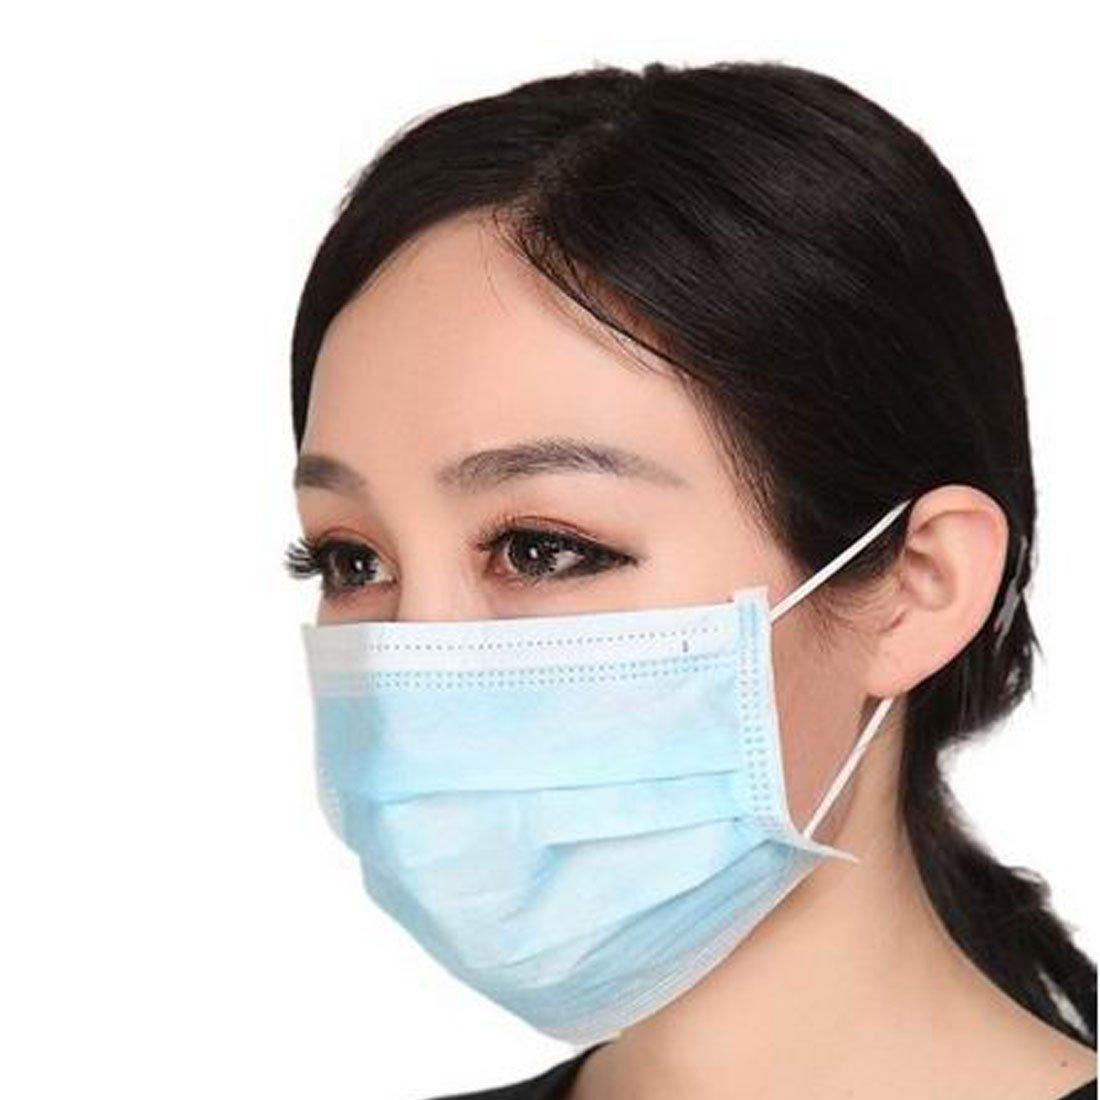 medical face mask - photo #11